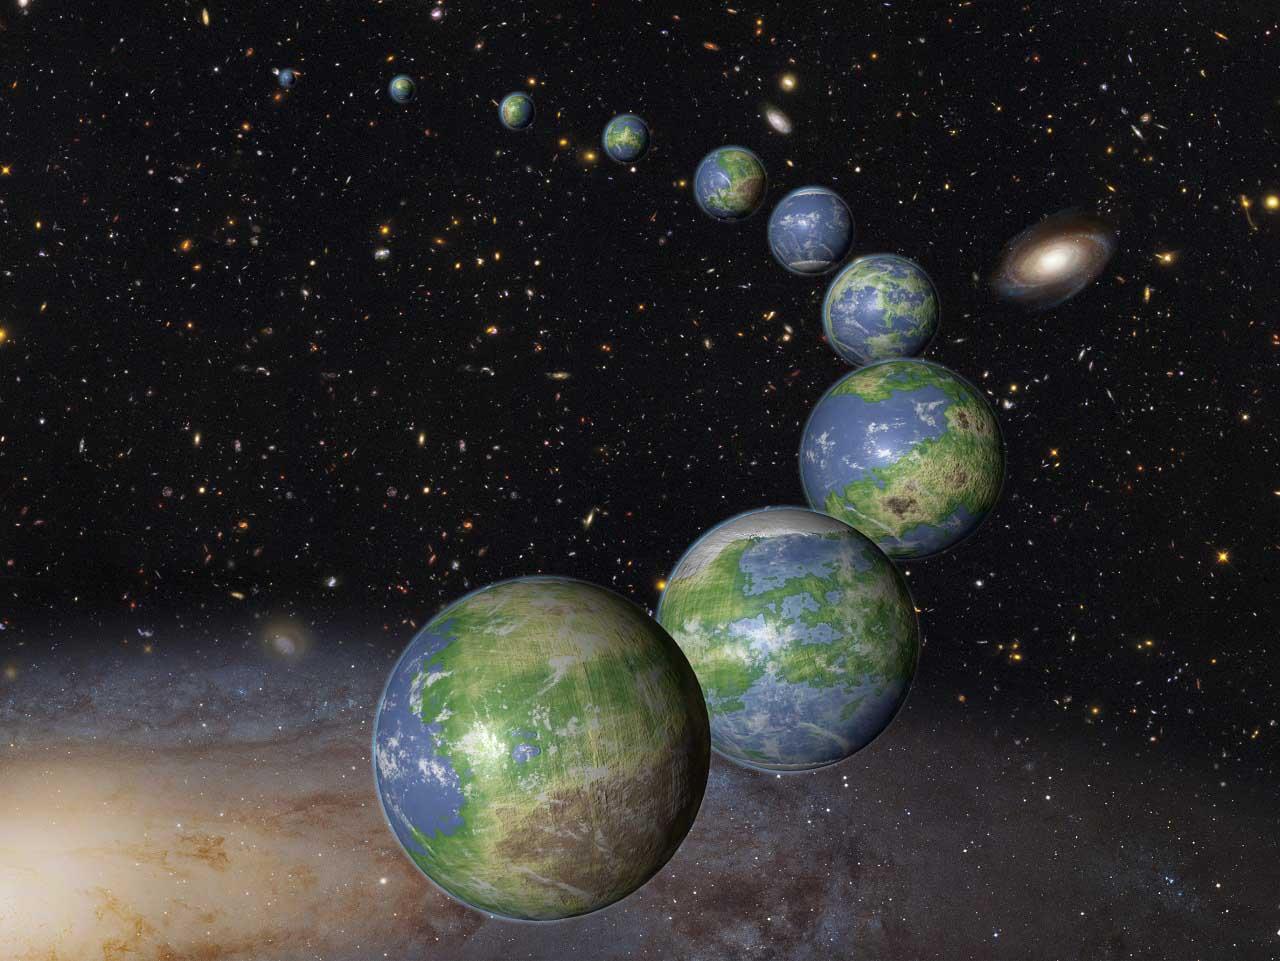 ირმის ნახტომში სავარაუდოდ ექვს მილიარდამდე დედამიწის მსგავსი პლანეტაა — ახალი კვლევა